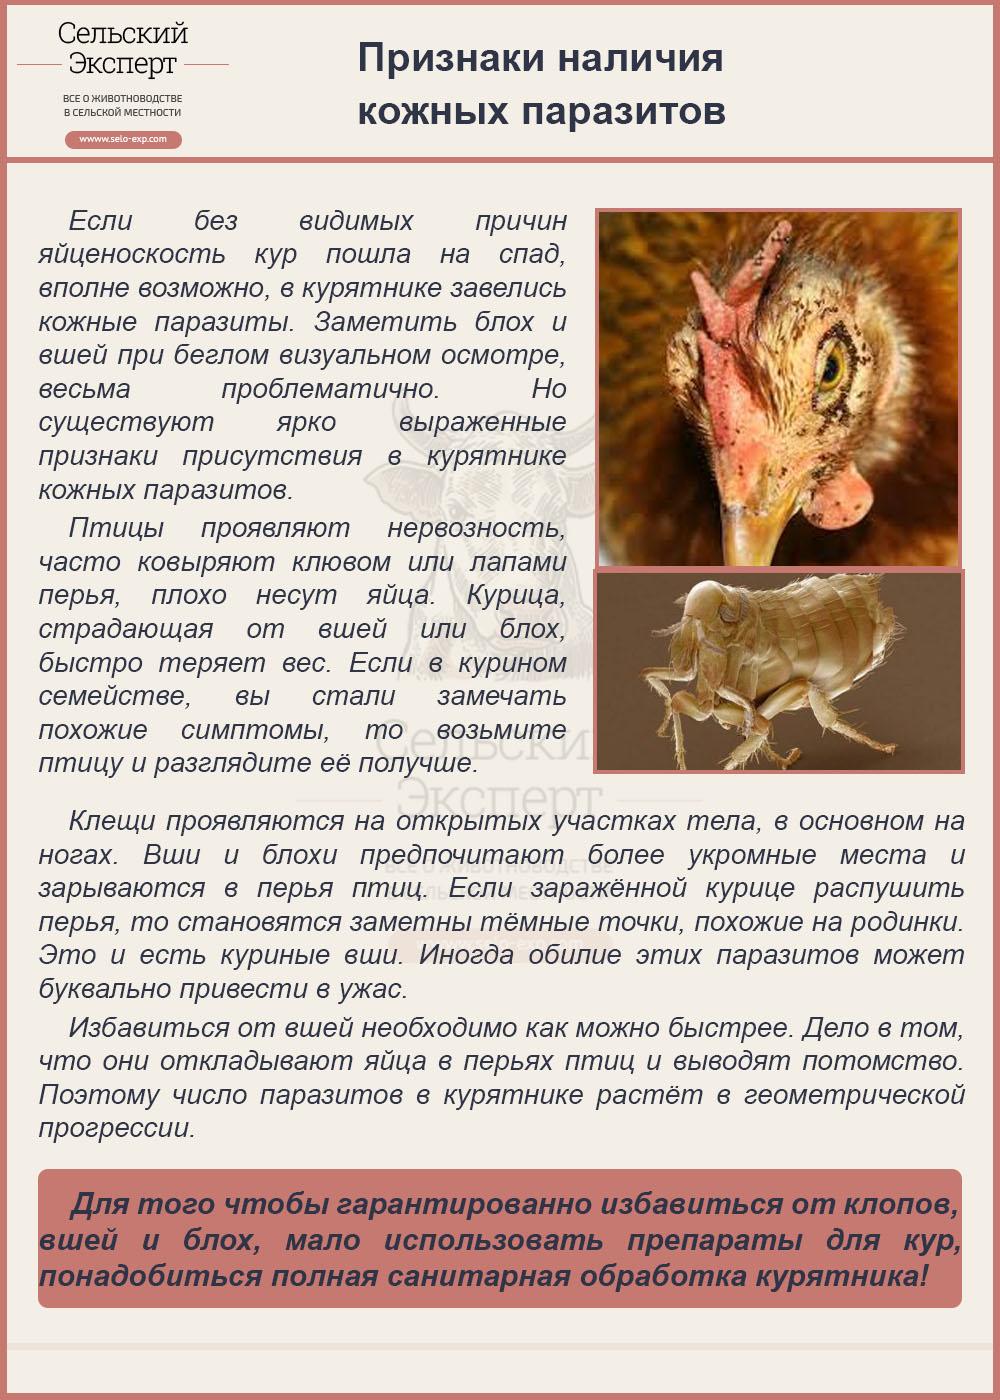 Признаки наличия кожных паразитов